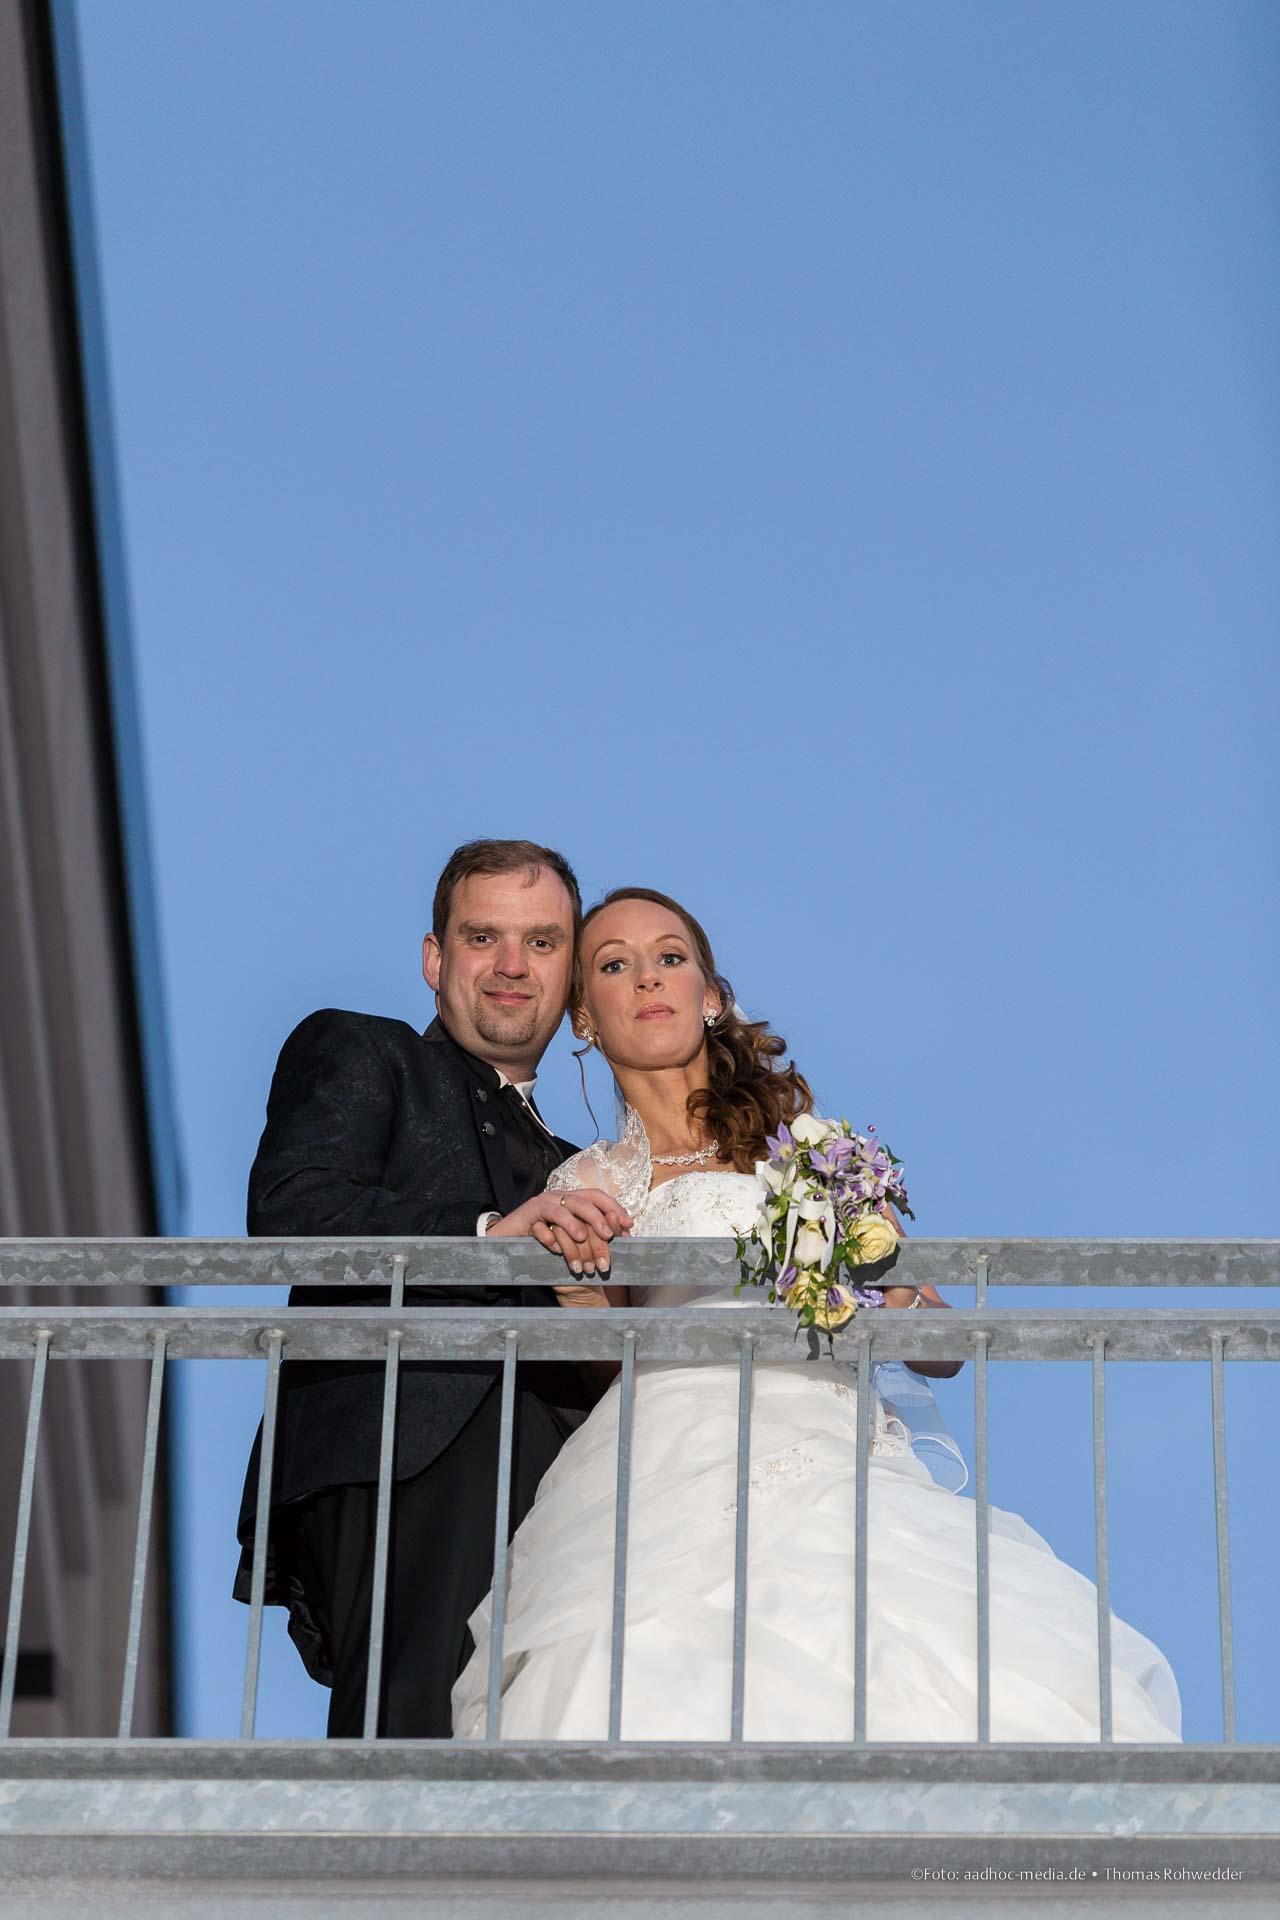 Portraitshooting im Rahmen der Hochzeitsreportage...